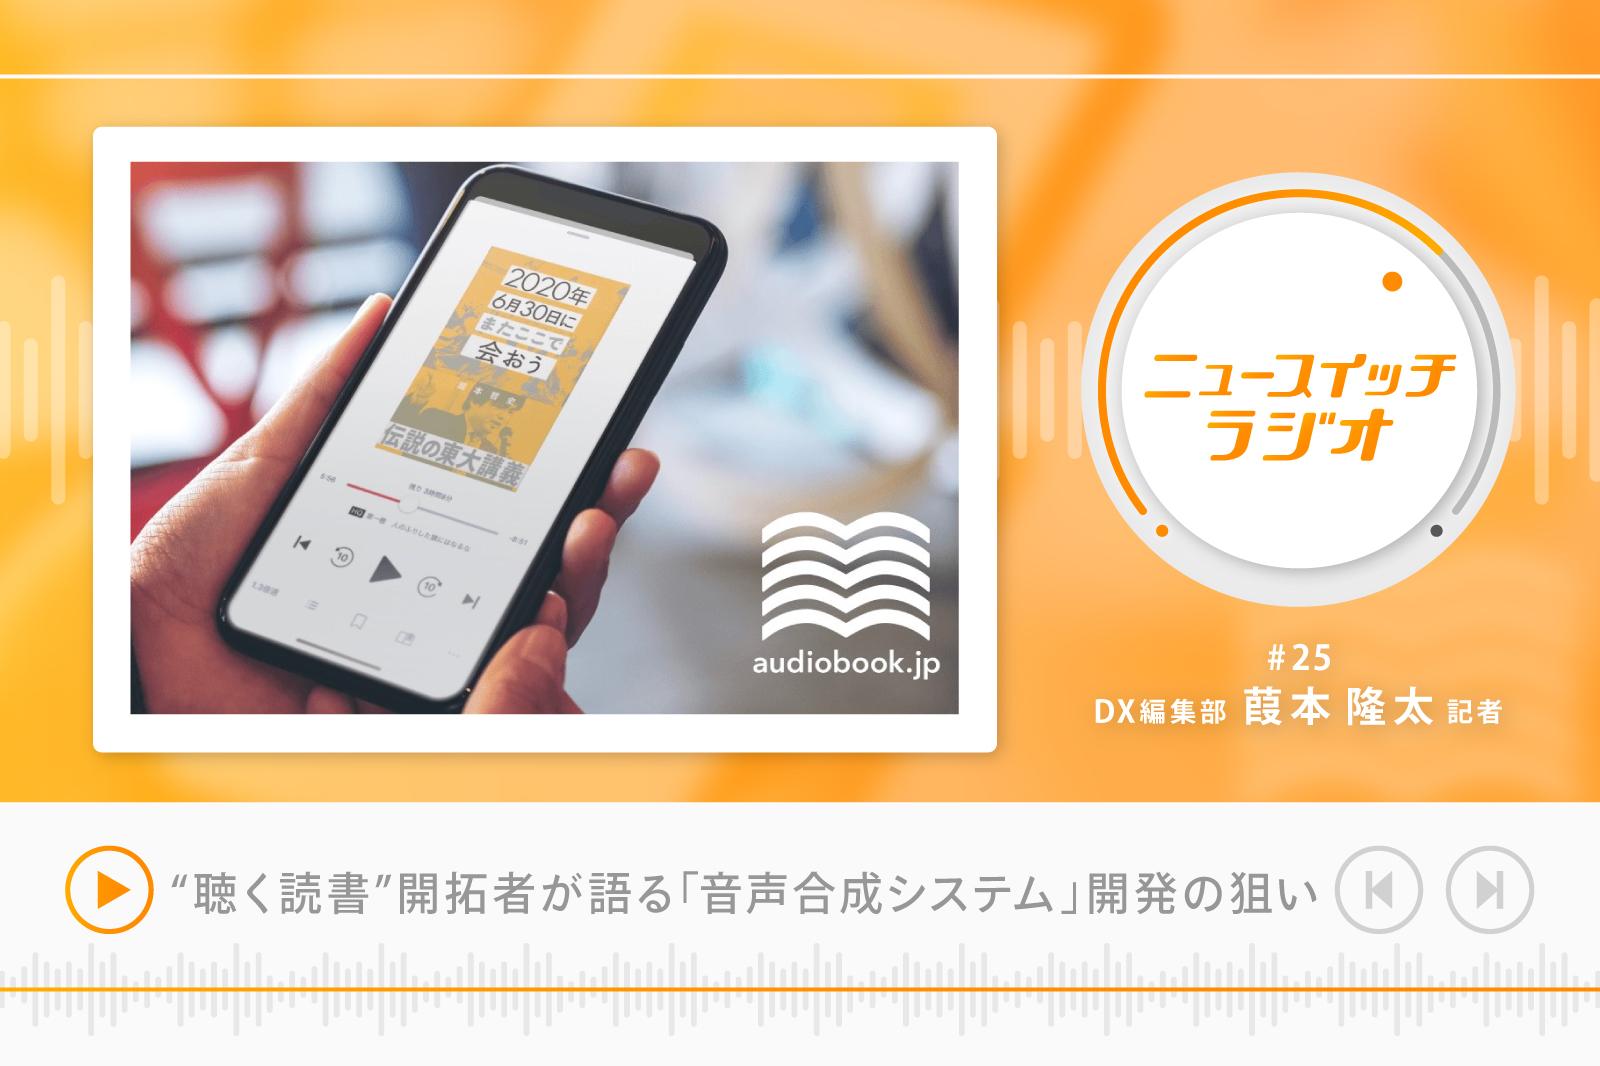 """【音声解説】""""聴く読書""""オーディオブック市場の開拓者、苦節4年で音声合成システムを開発した狙い"""